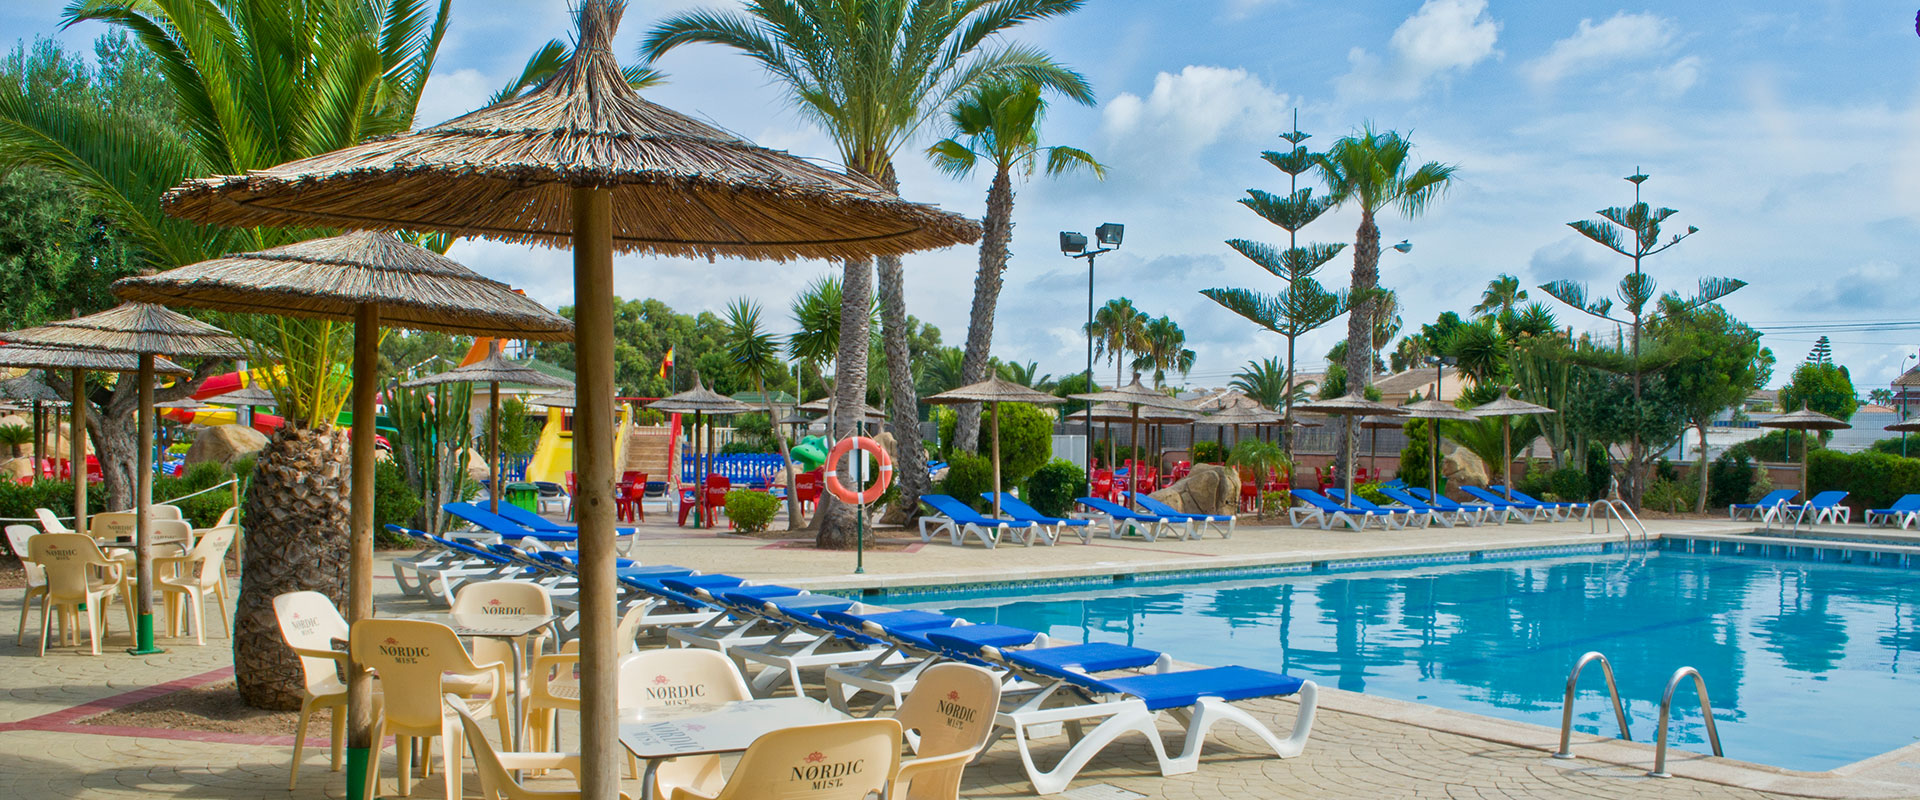 Los 10 mejores parques aquáticos de España